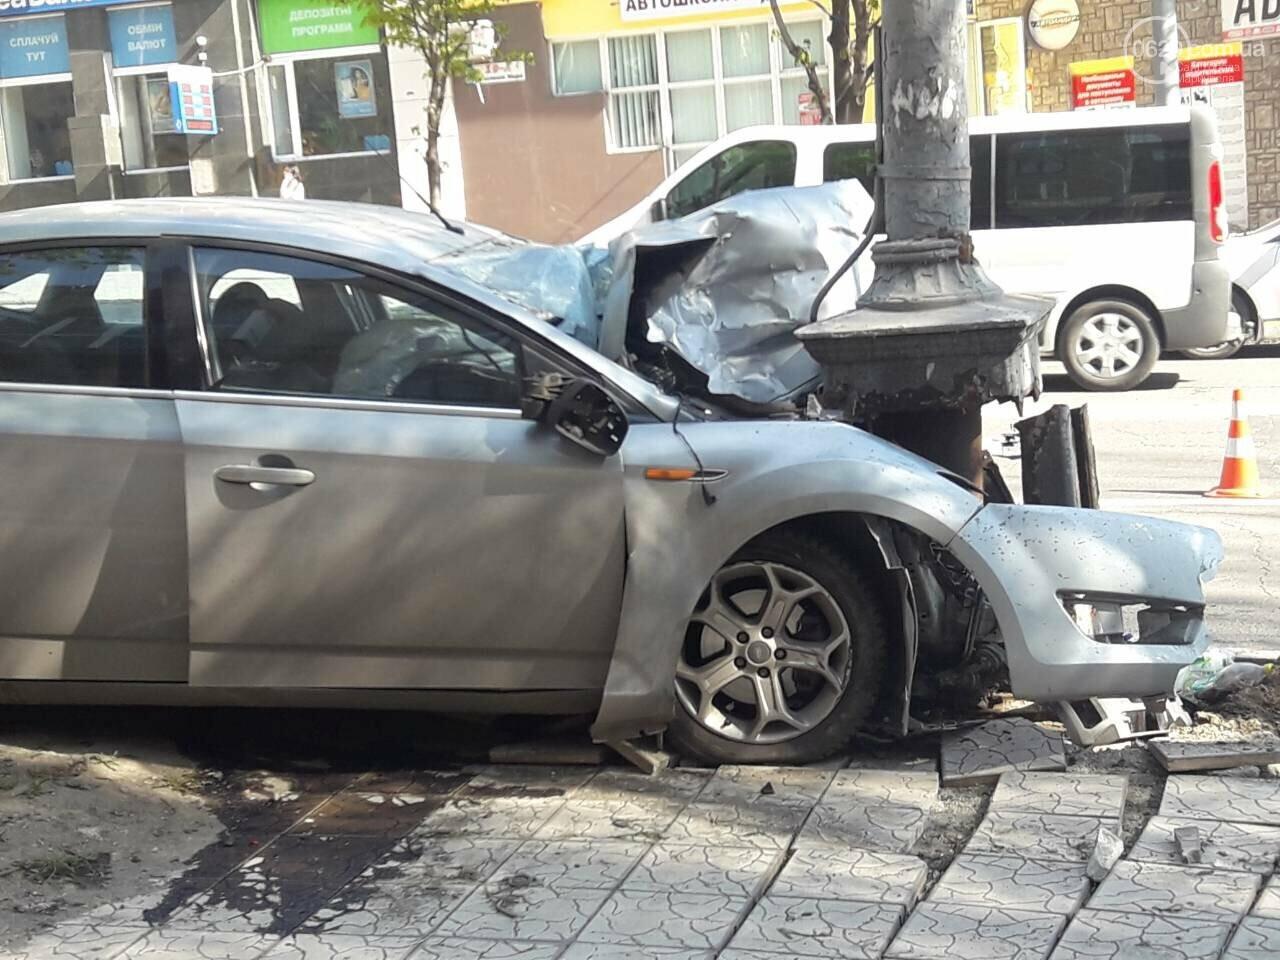 В Мариуполе «Форд» врезался в столб. Водитель погиб, - ФОТО, ВИДЕО, 18+, фото-1